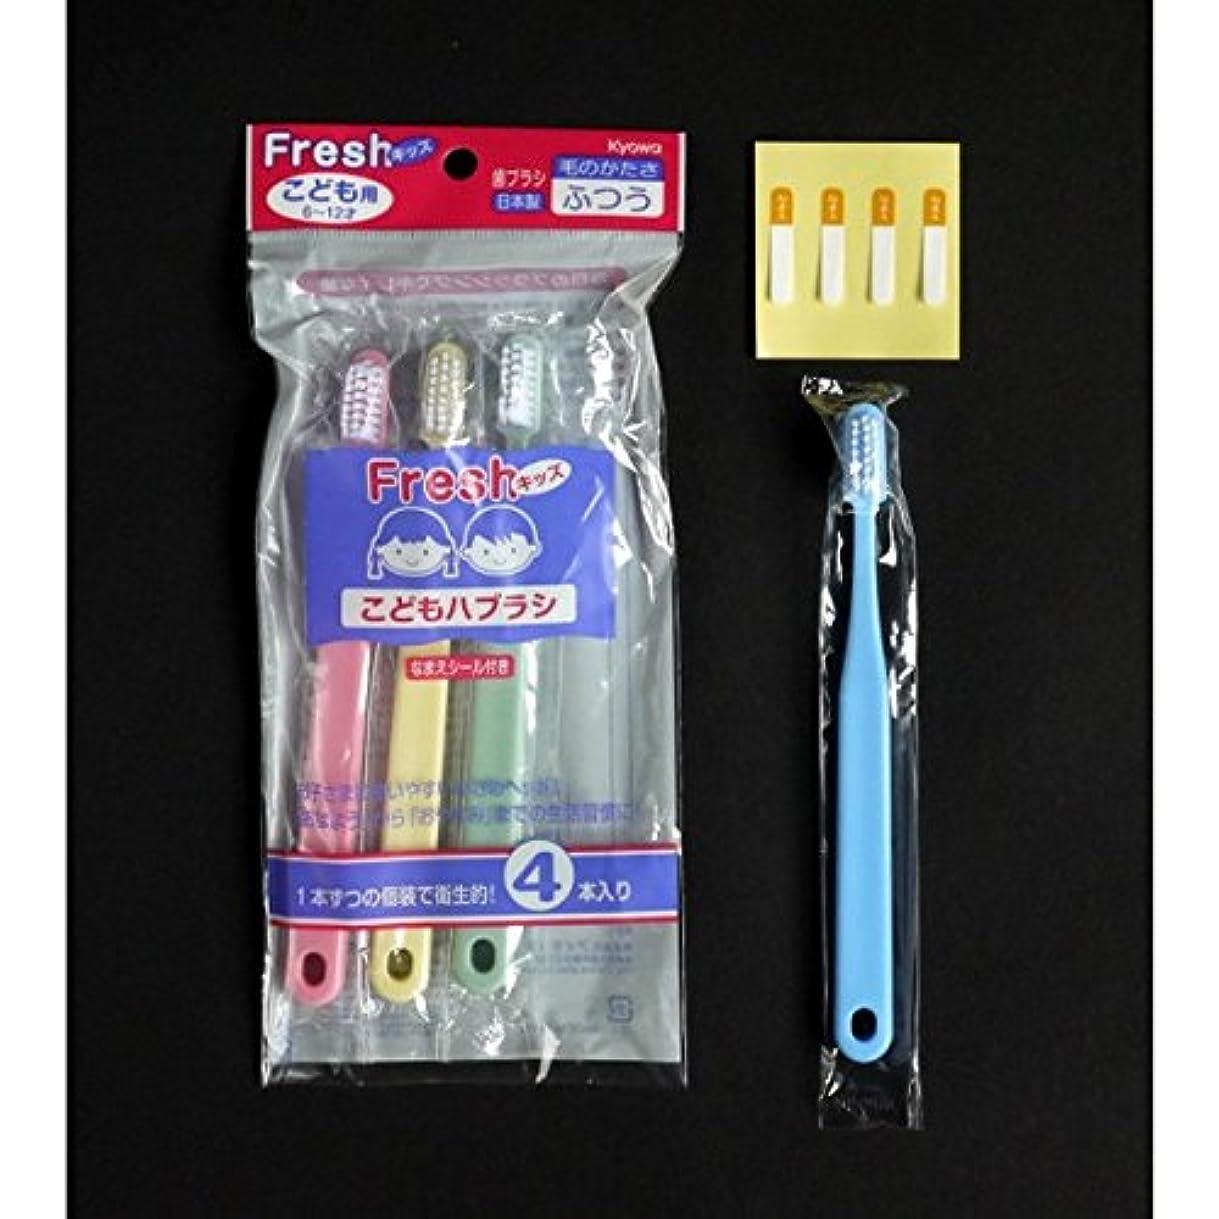 熱心なキロメートル鉄歯ブラシ ふつう こども用 名前シール付 4本入